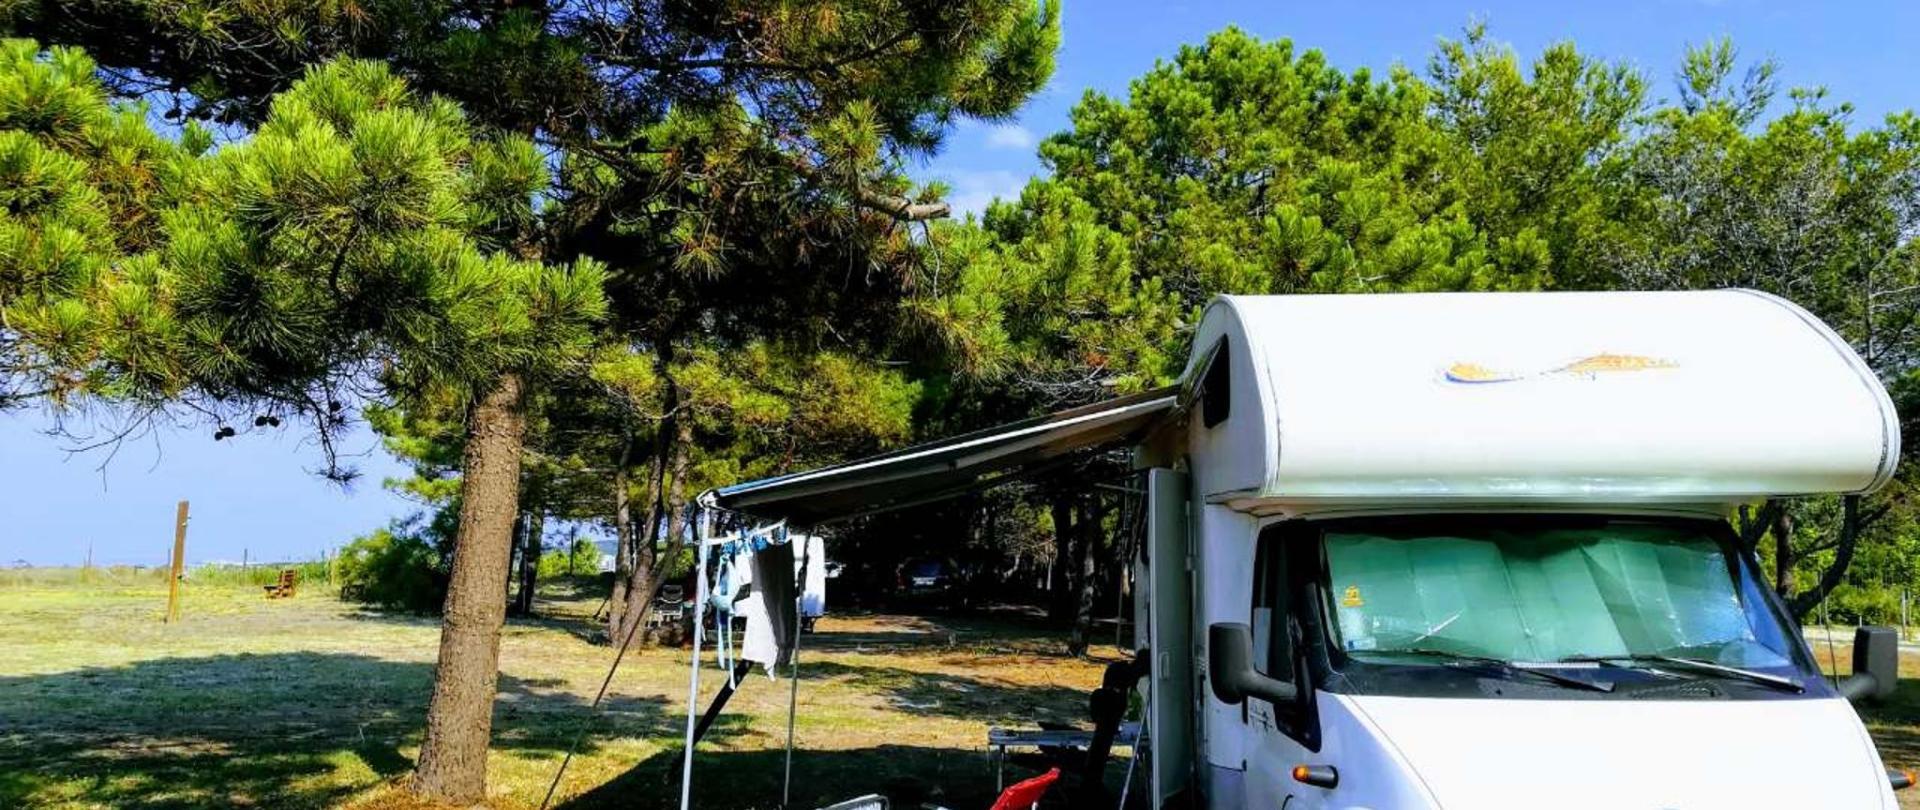 Campsite10.jpg